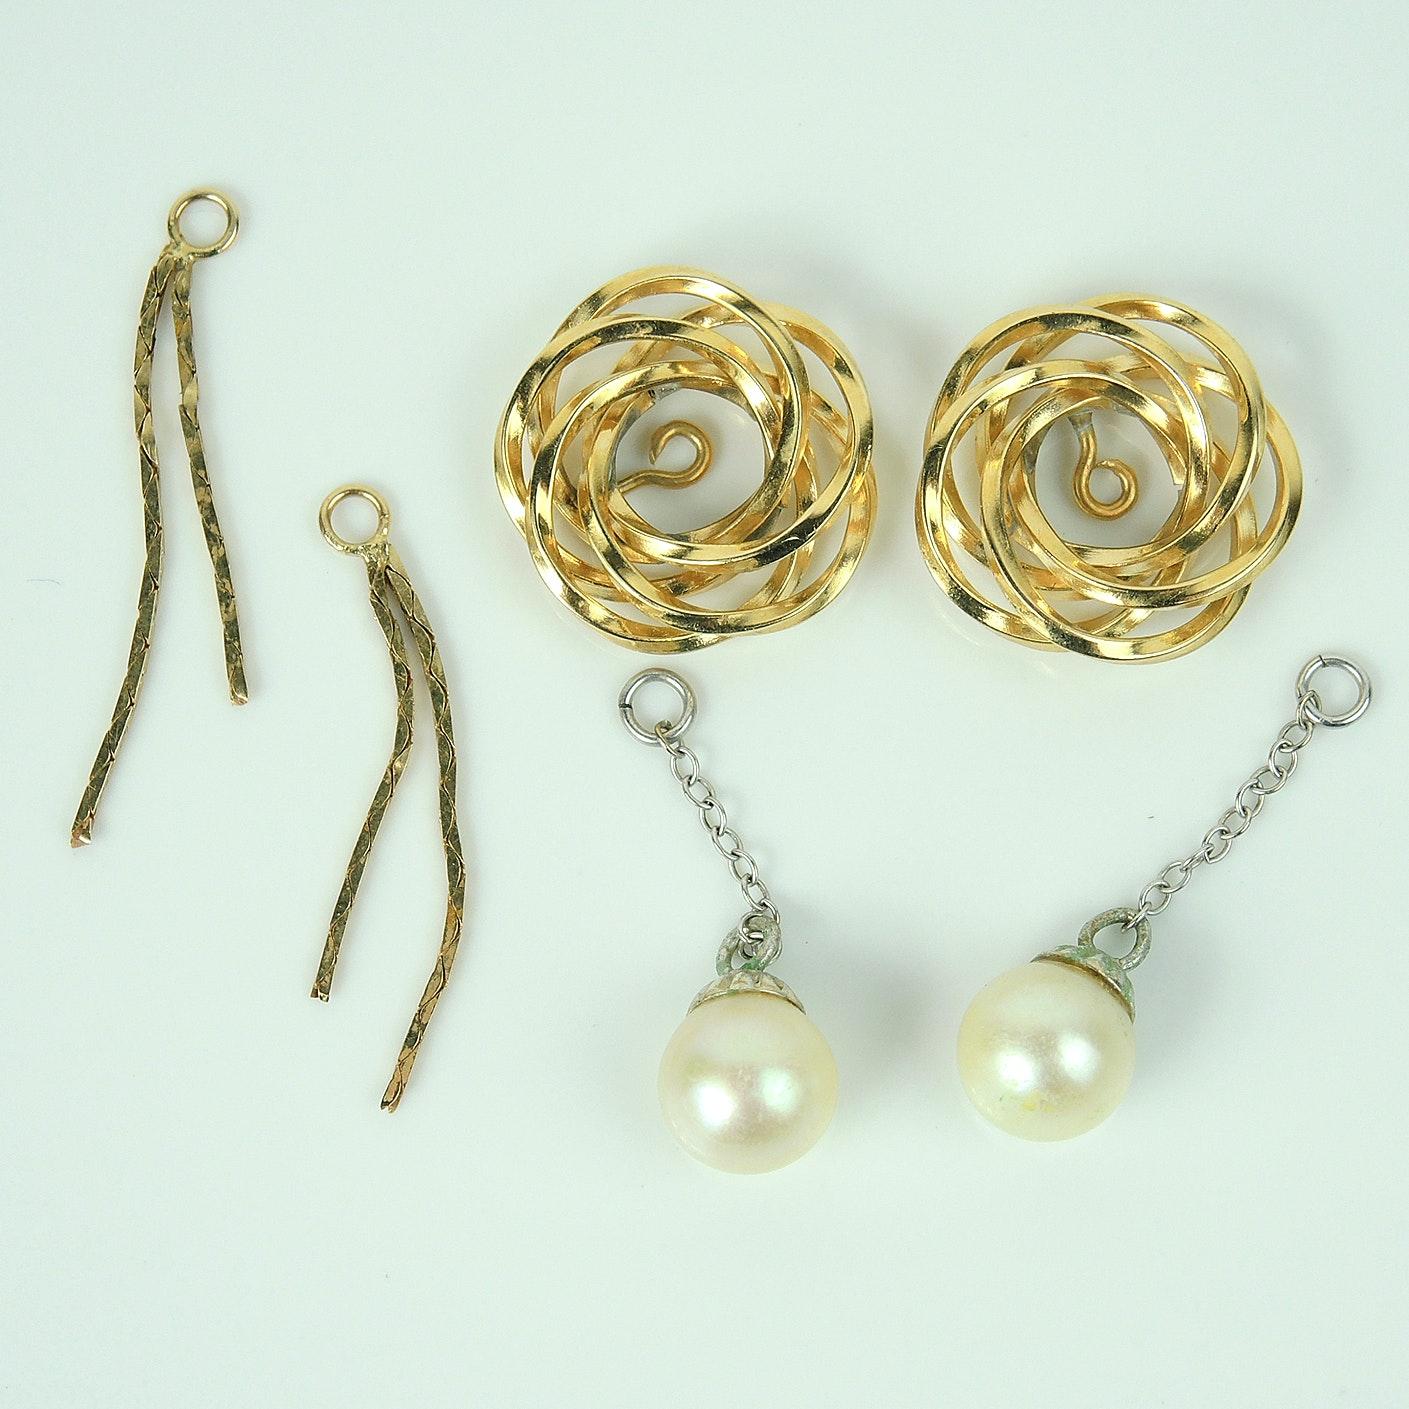 Gold Earring Jackets Assortment